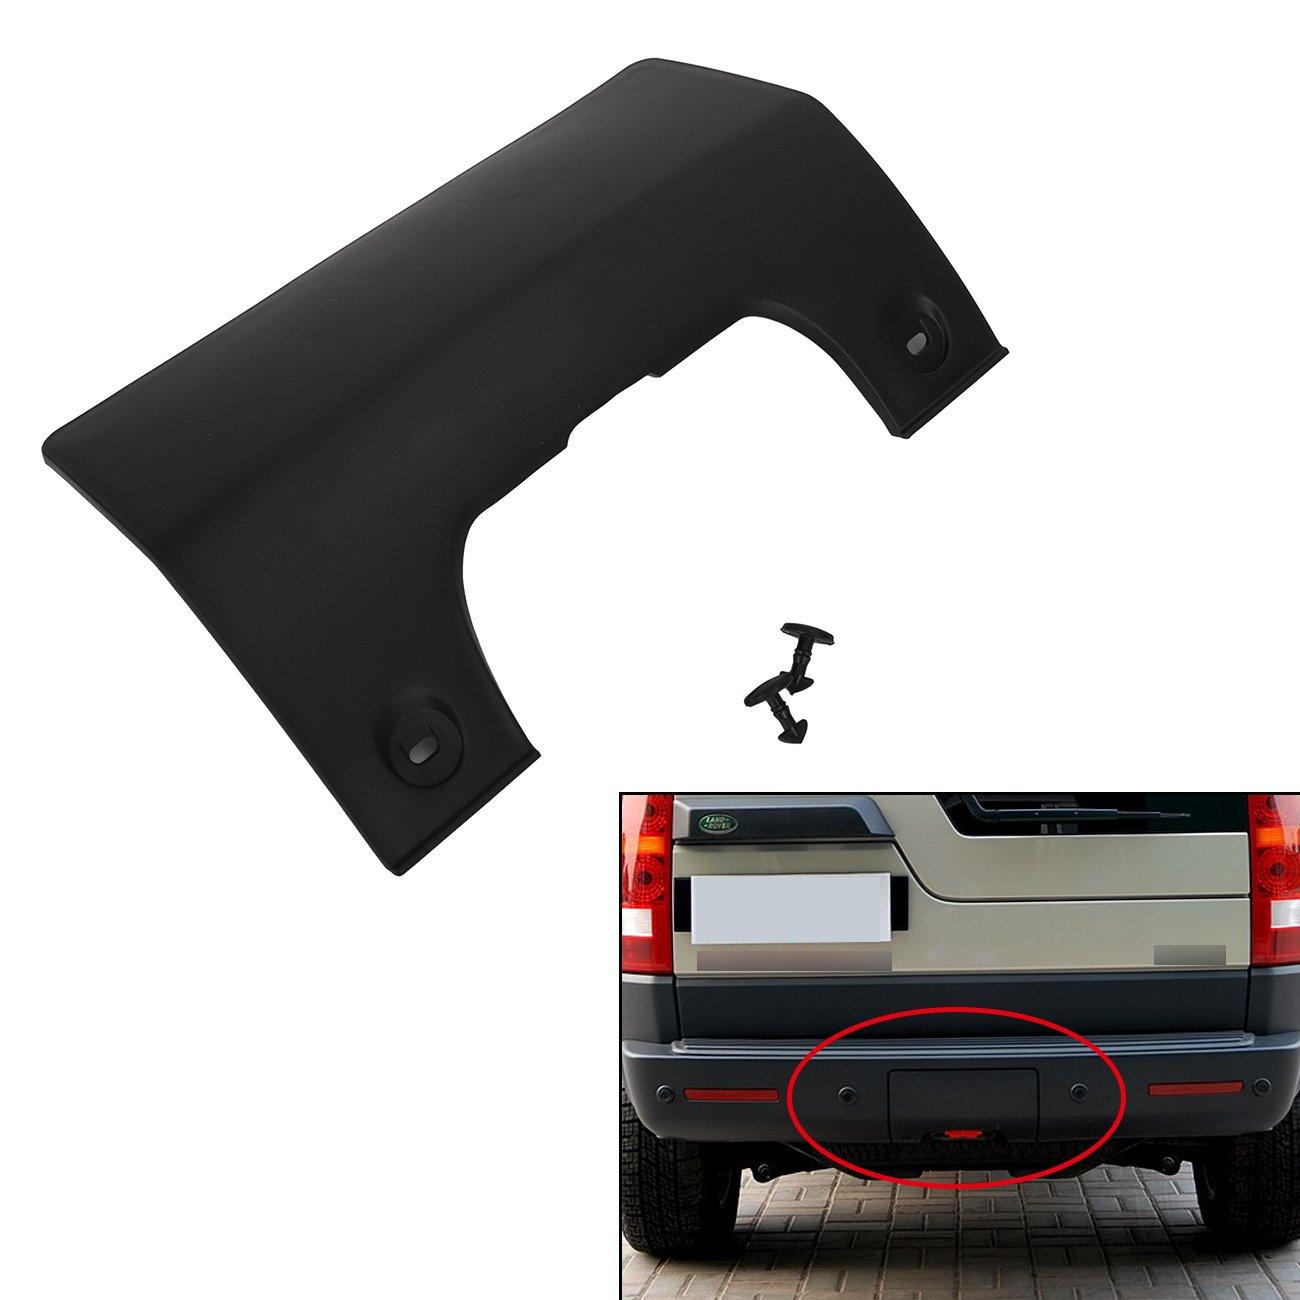 一般下塗りメガランドローバーlr3 2005 – 2009のフロントバンパー牽引牽引目カバーパネル(ブラック) Bumper Tow Hook B072JMFXBX  Rear Hook Tow Cover